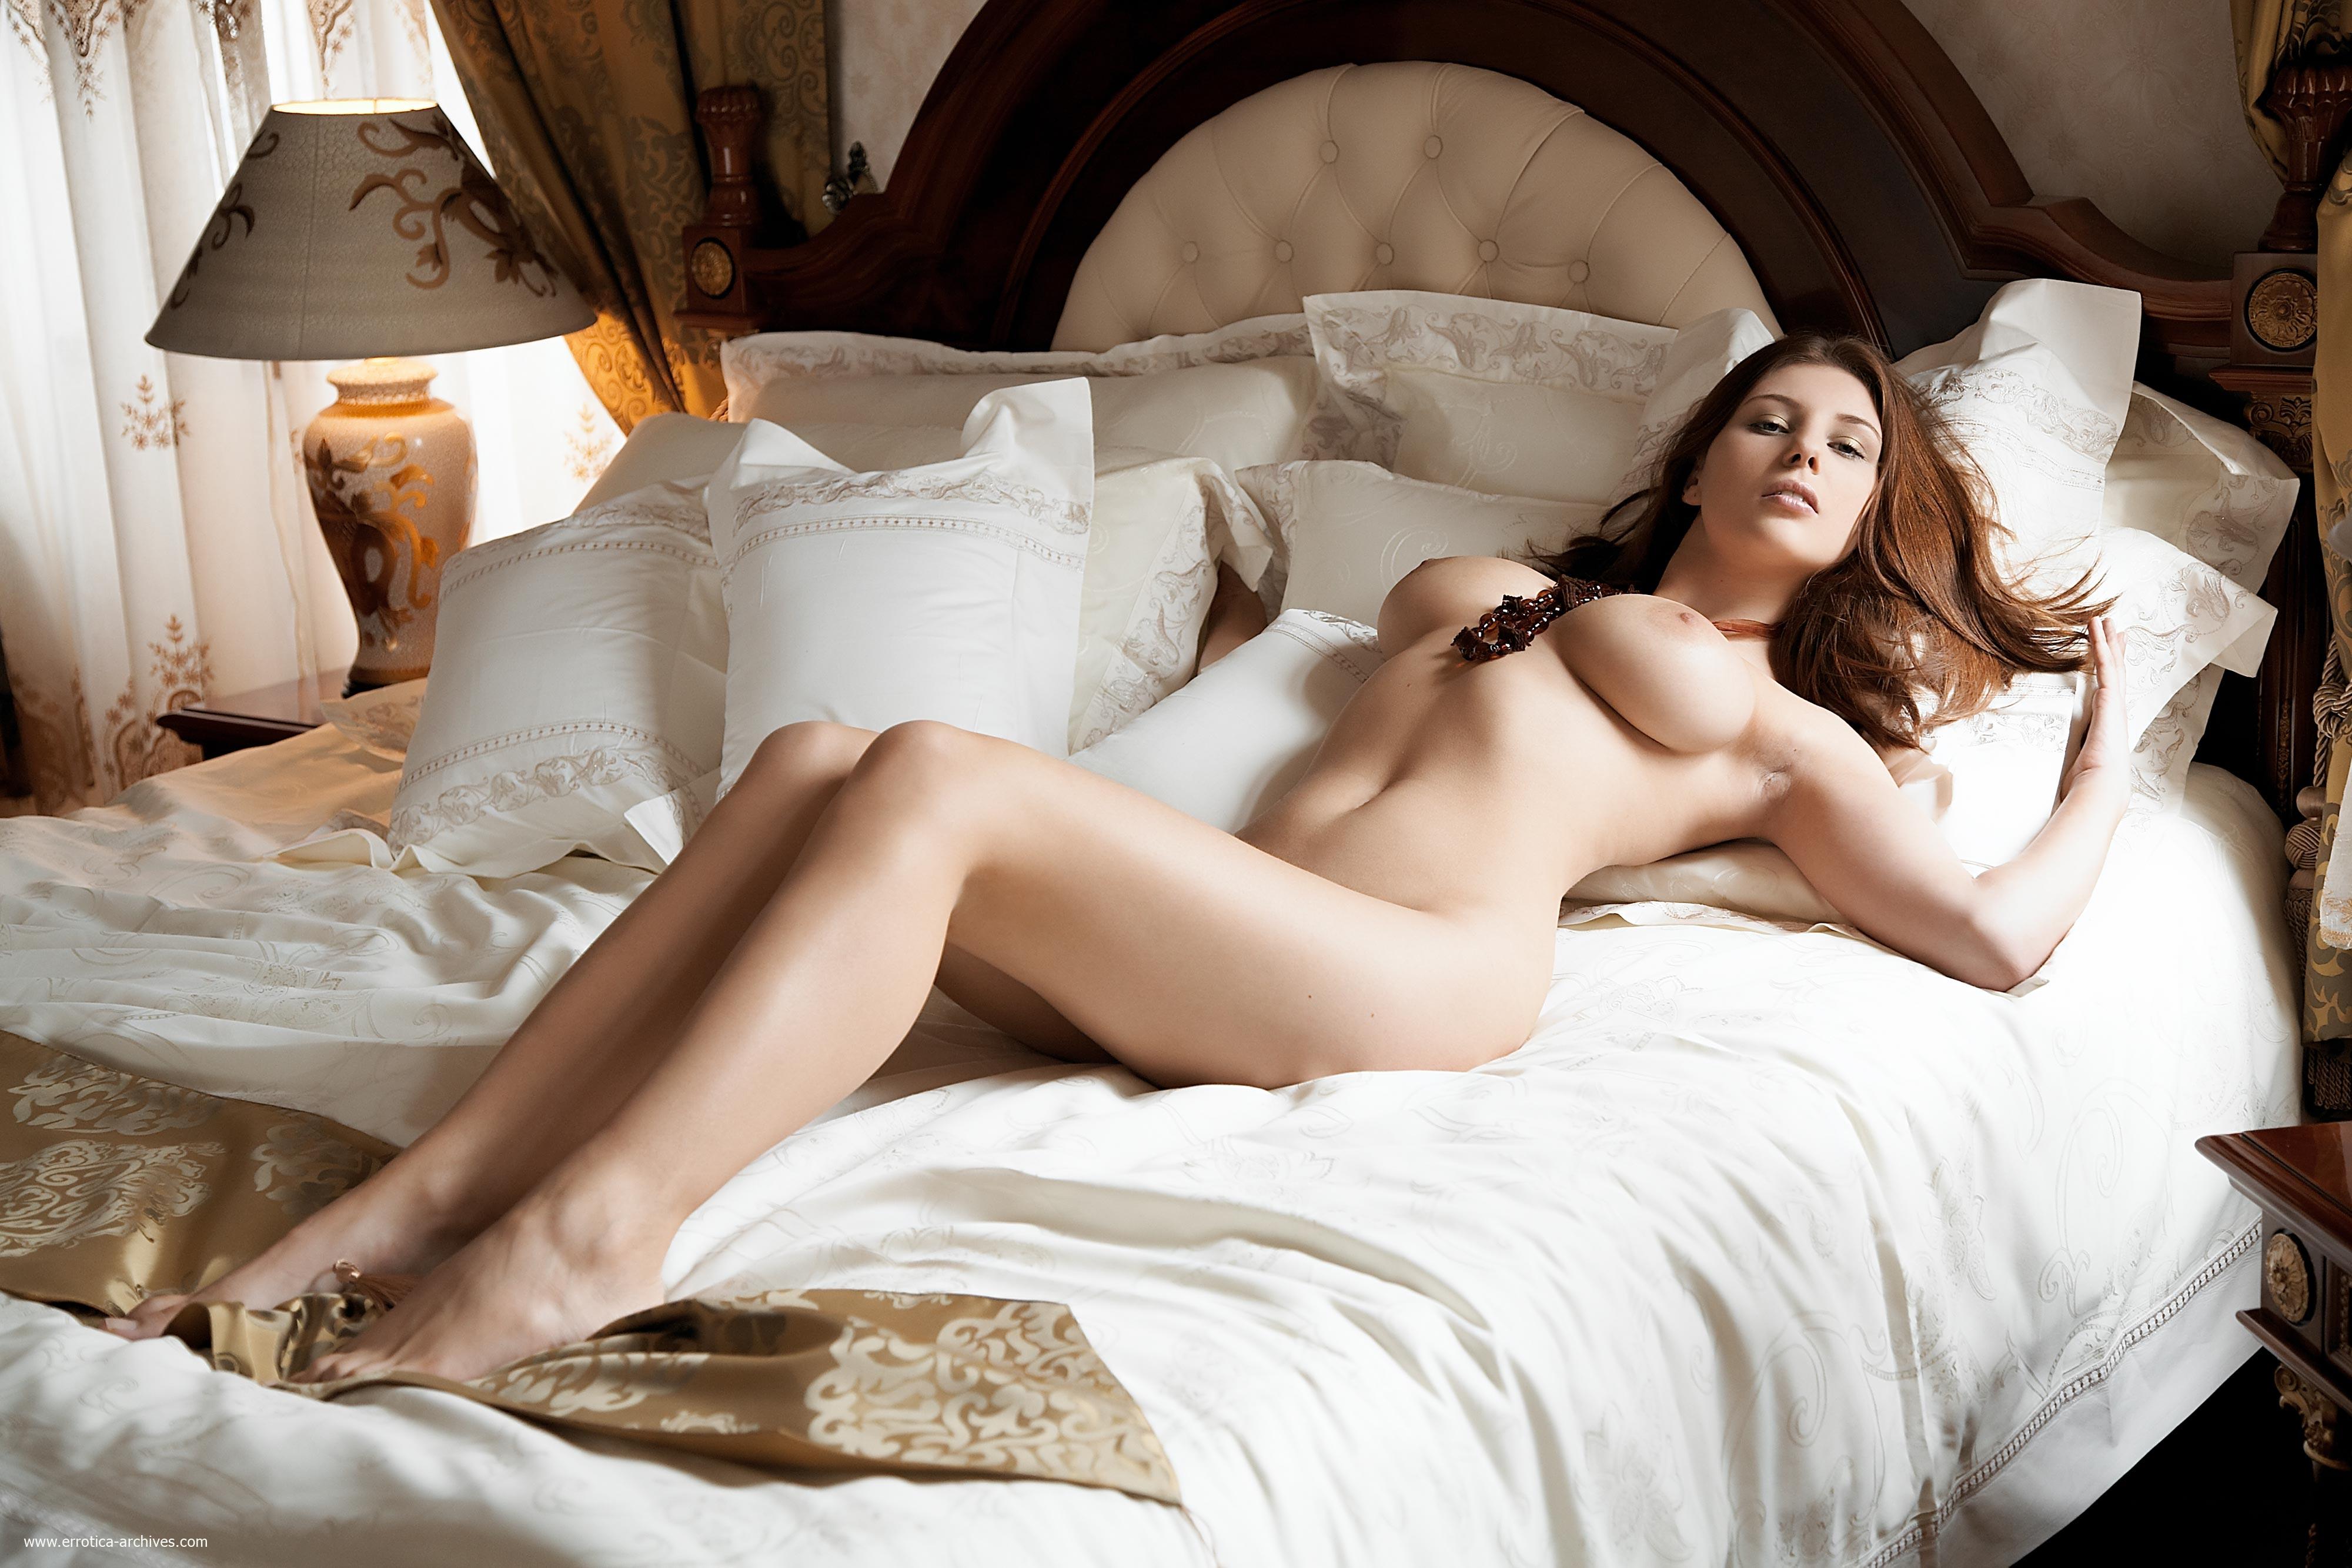 Эротические фото девушек из чебоксар 15 фотография